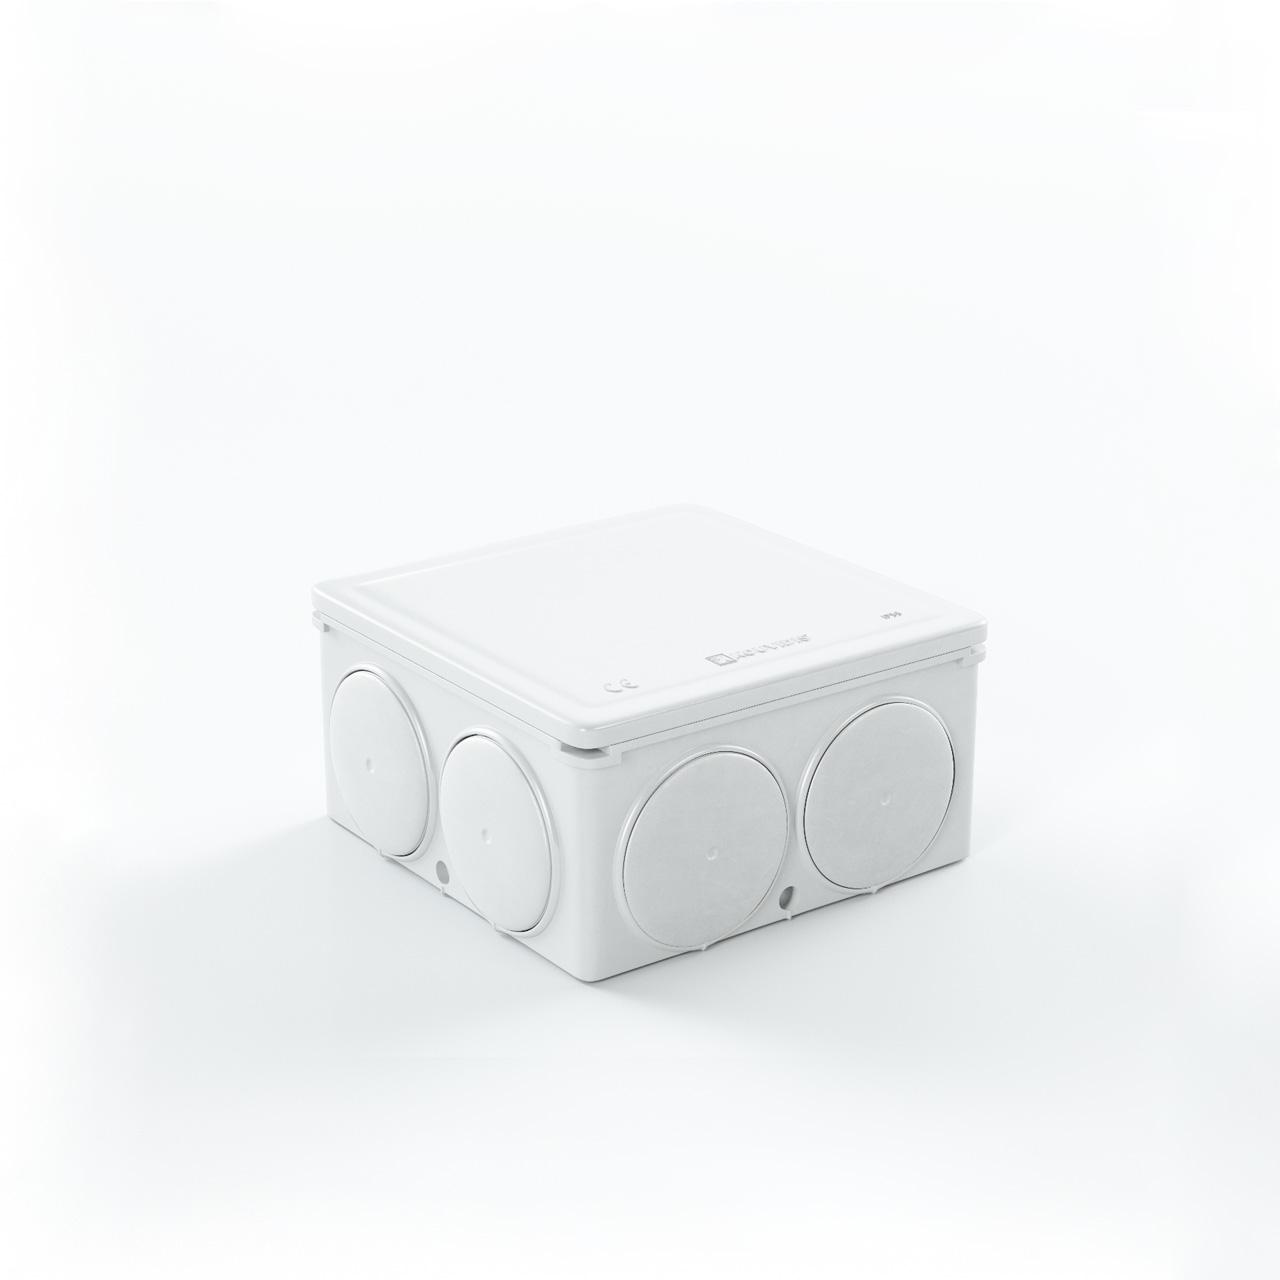 Στεγανό Τετράγωνο Κουτί Διακ/Σεως Medisol Αμ Φ20/16